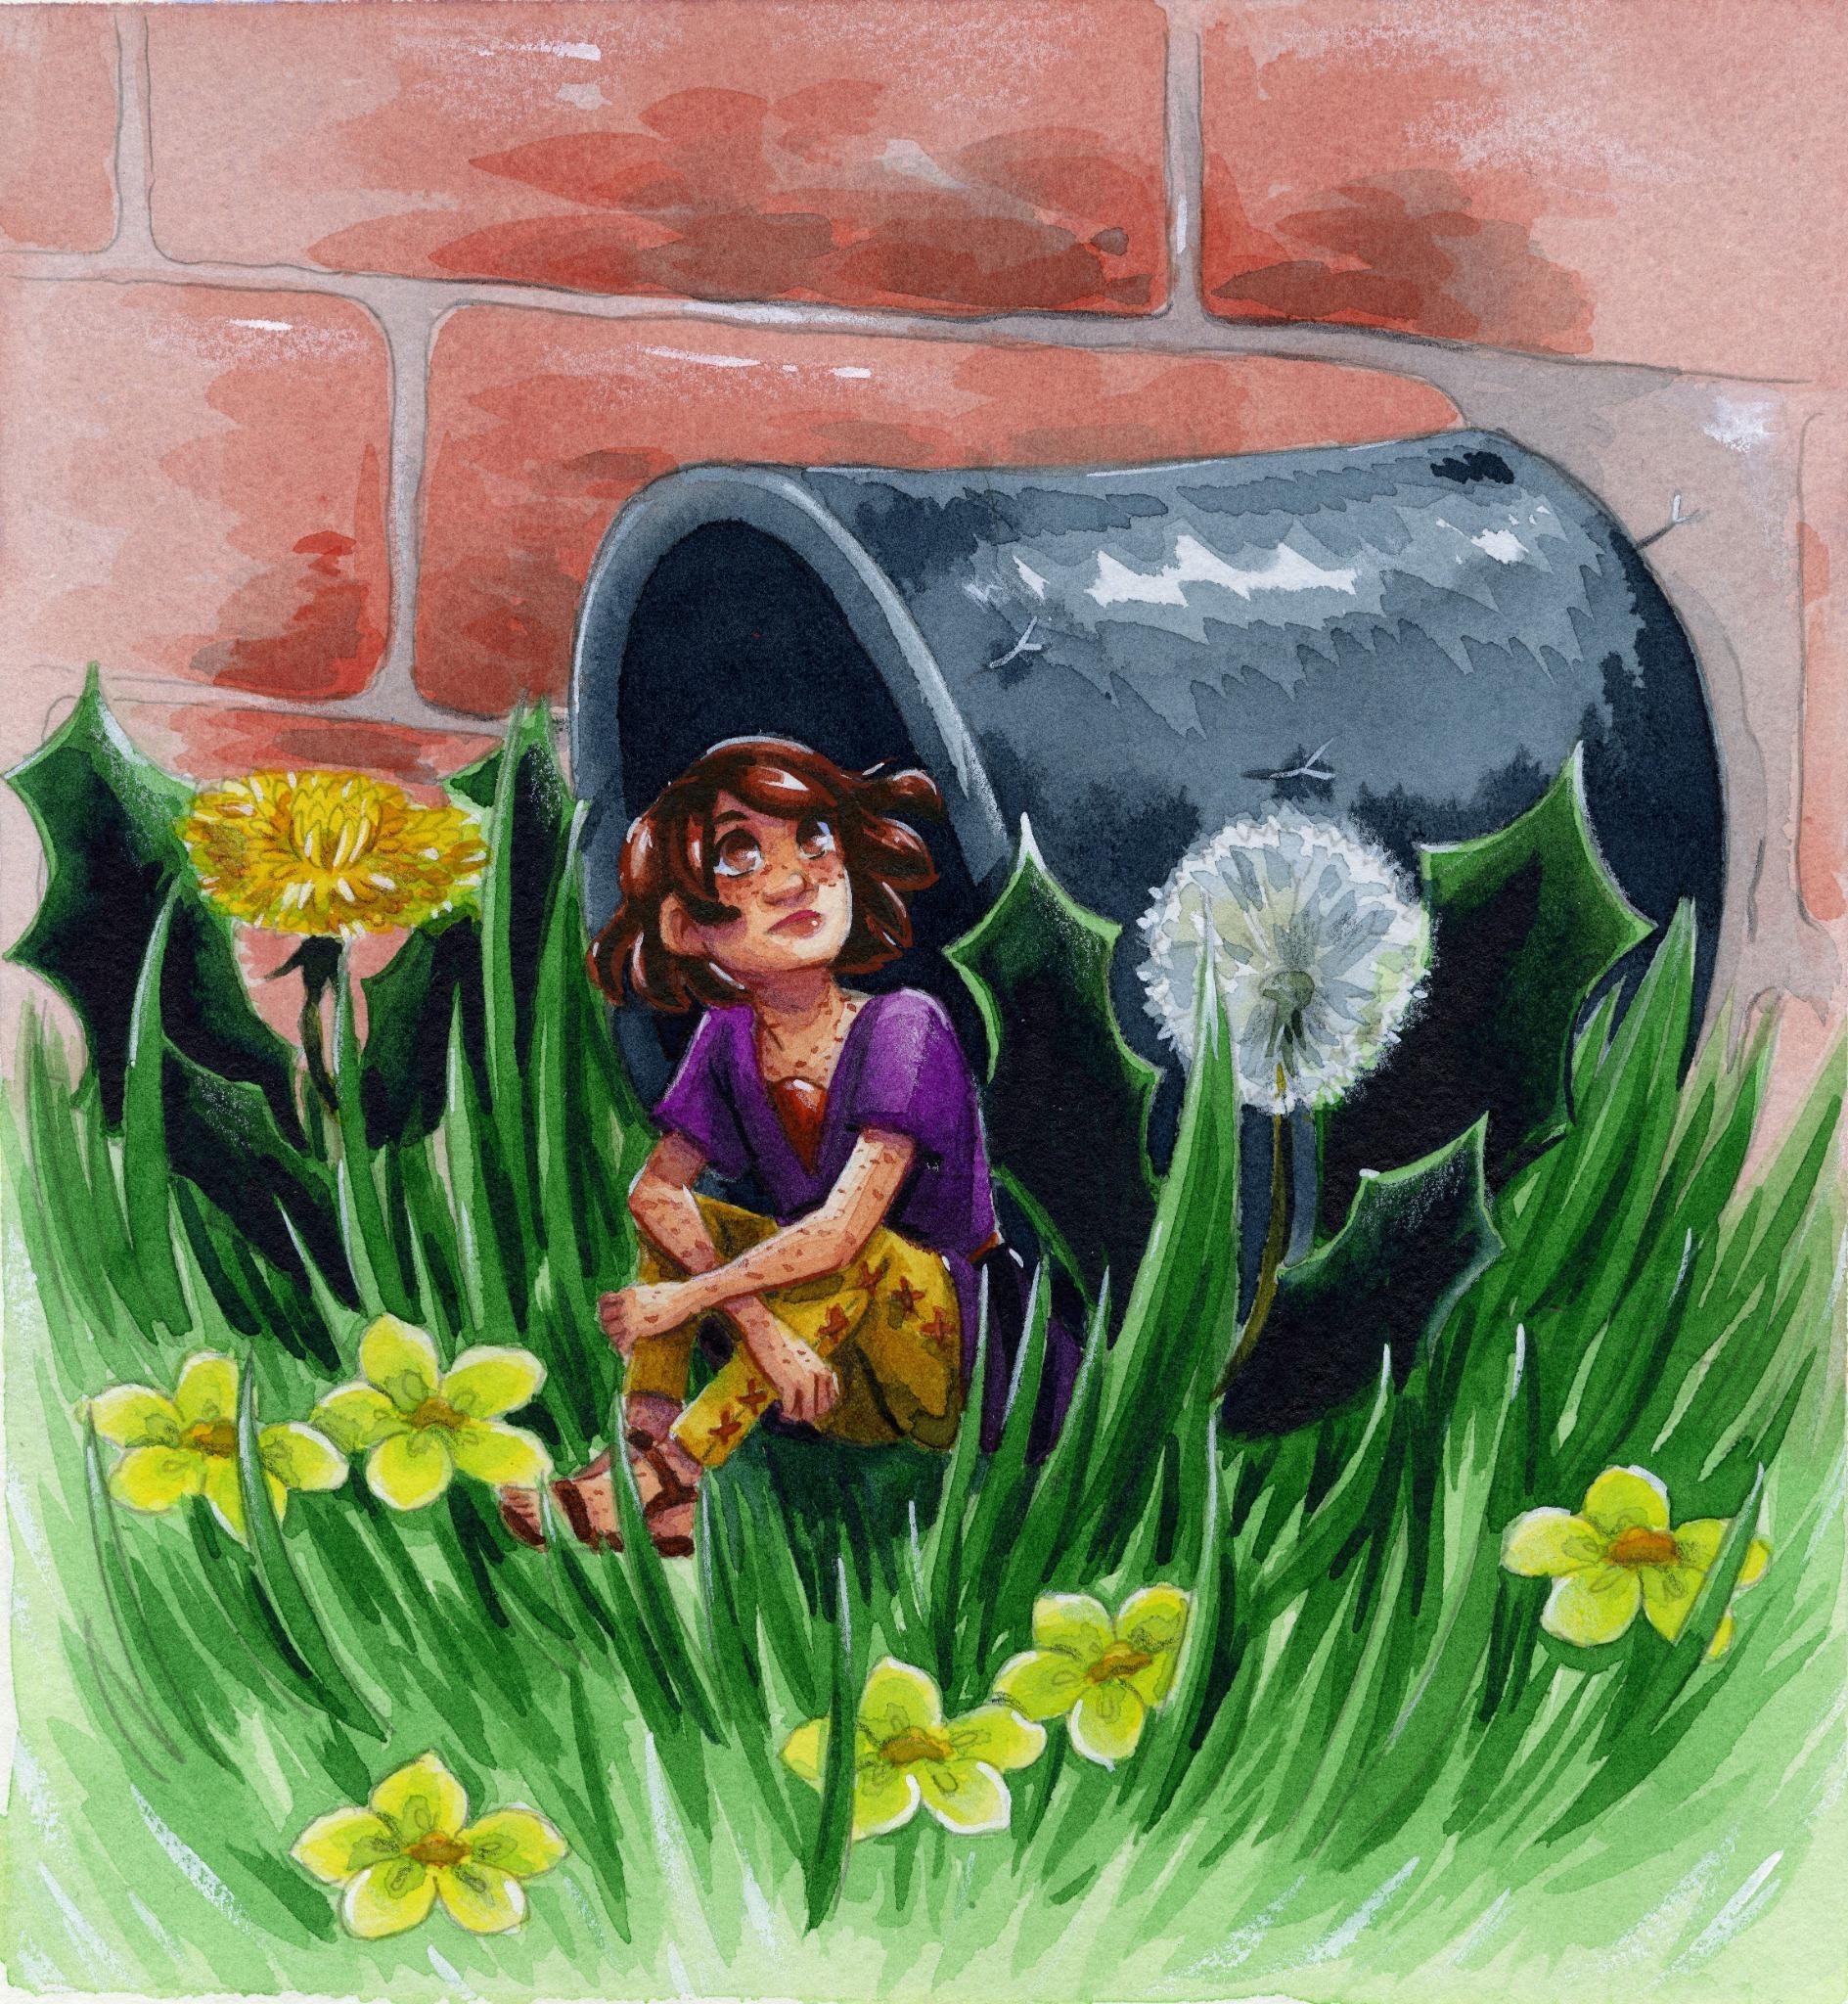 Kara, a tiny person, in a drainpipe.